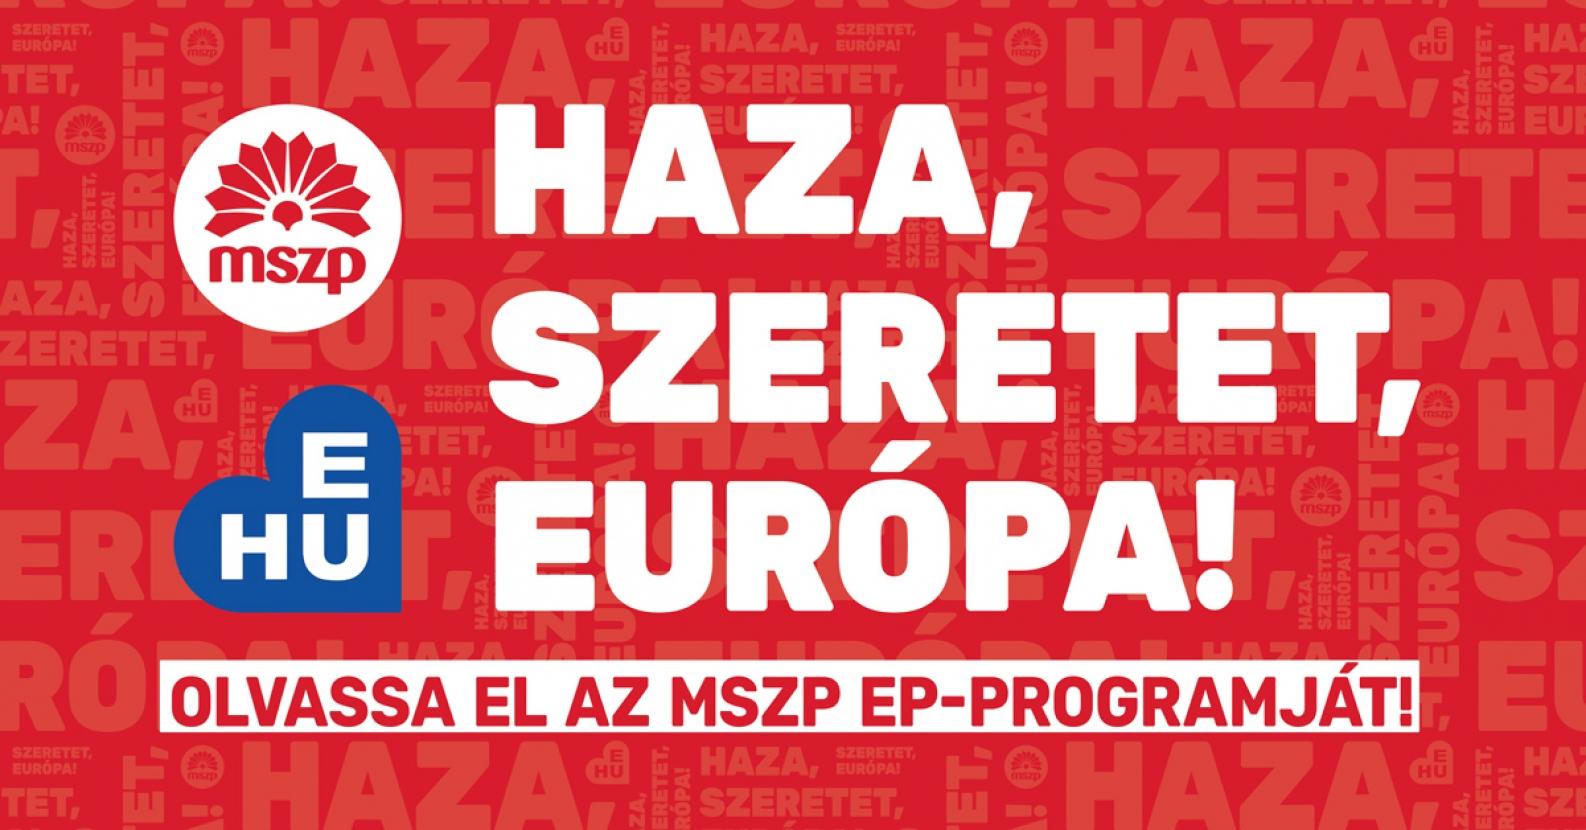 e92cb0c803 Haza. Szeretet. Európa. - mszp.hu